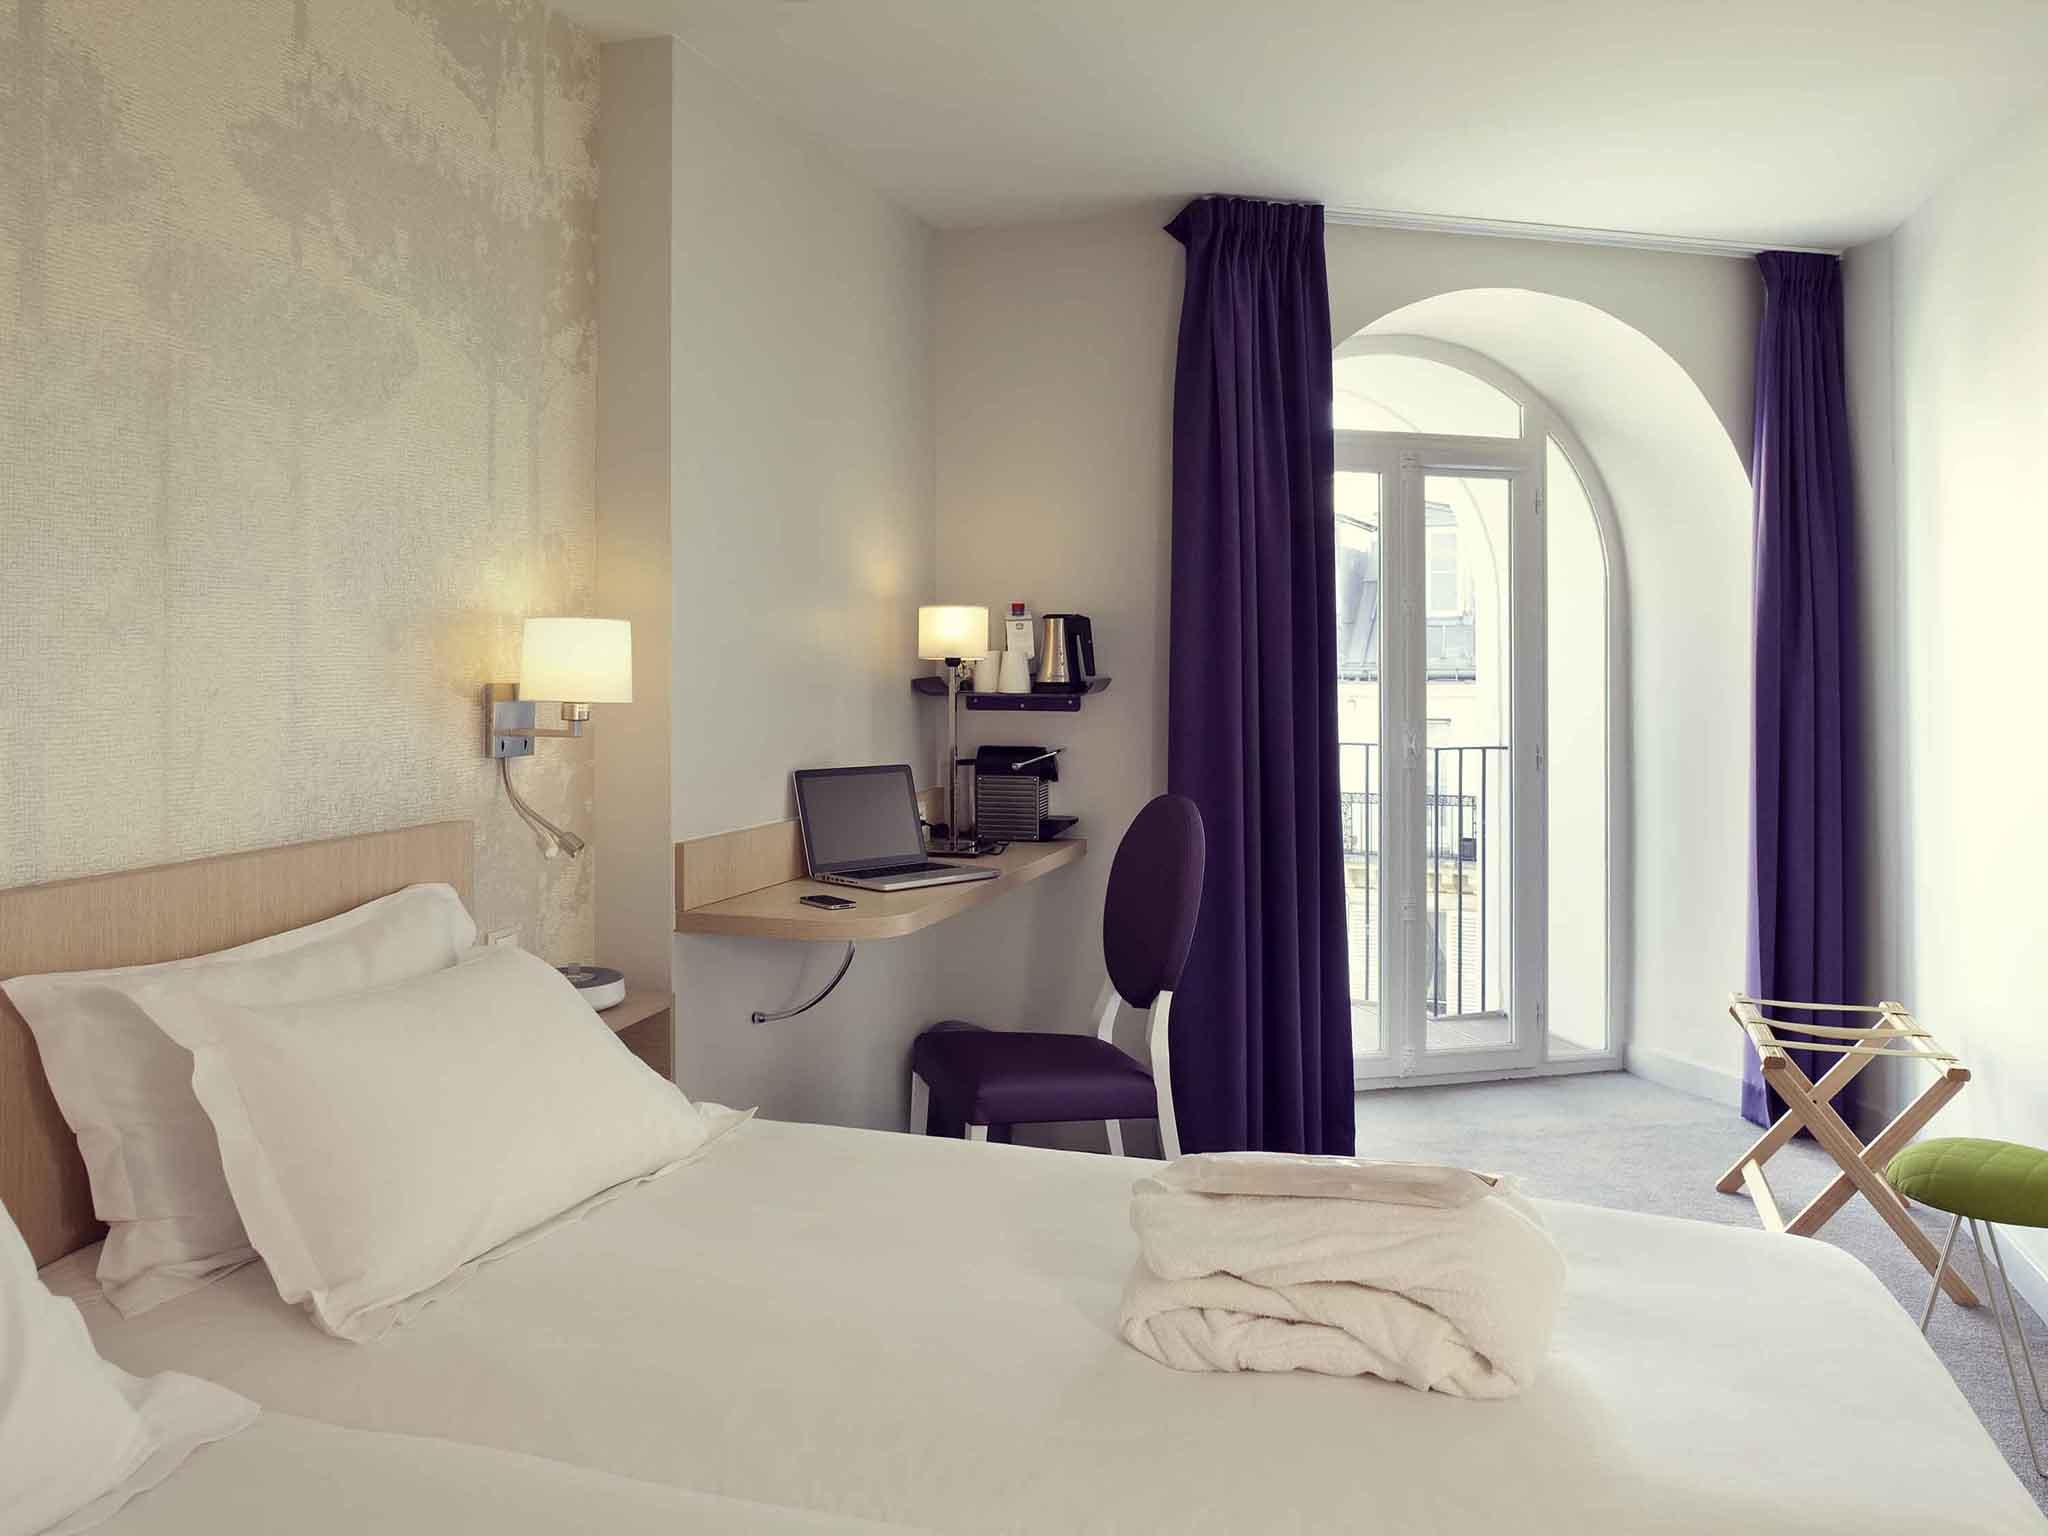 Hotel In Paris Mercure Paris Notre Dame Saint Germain Des Pres